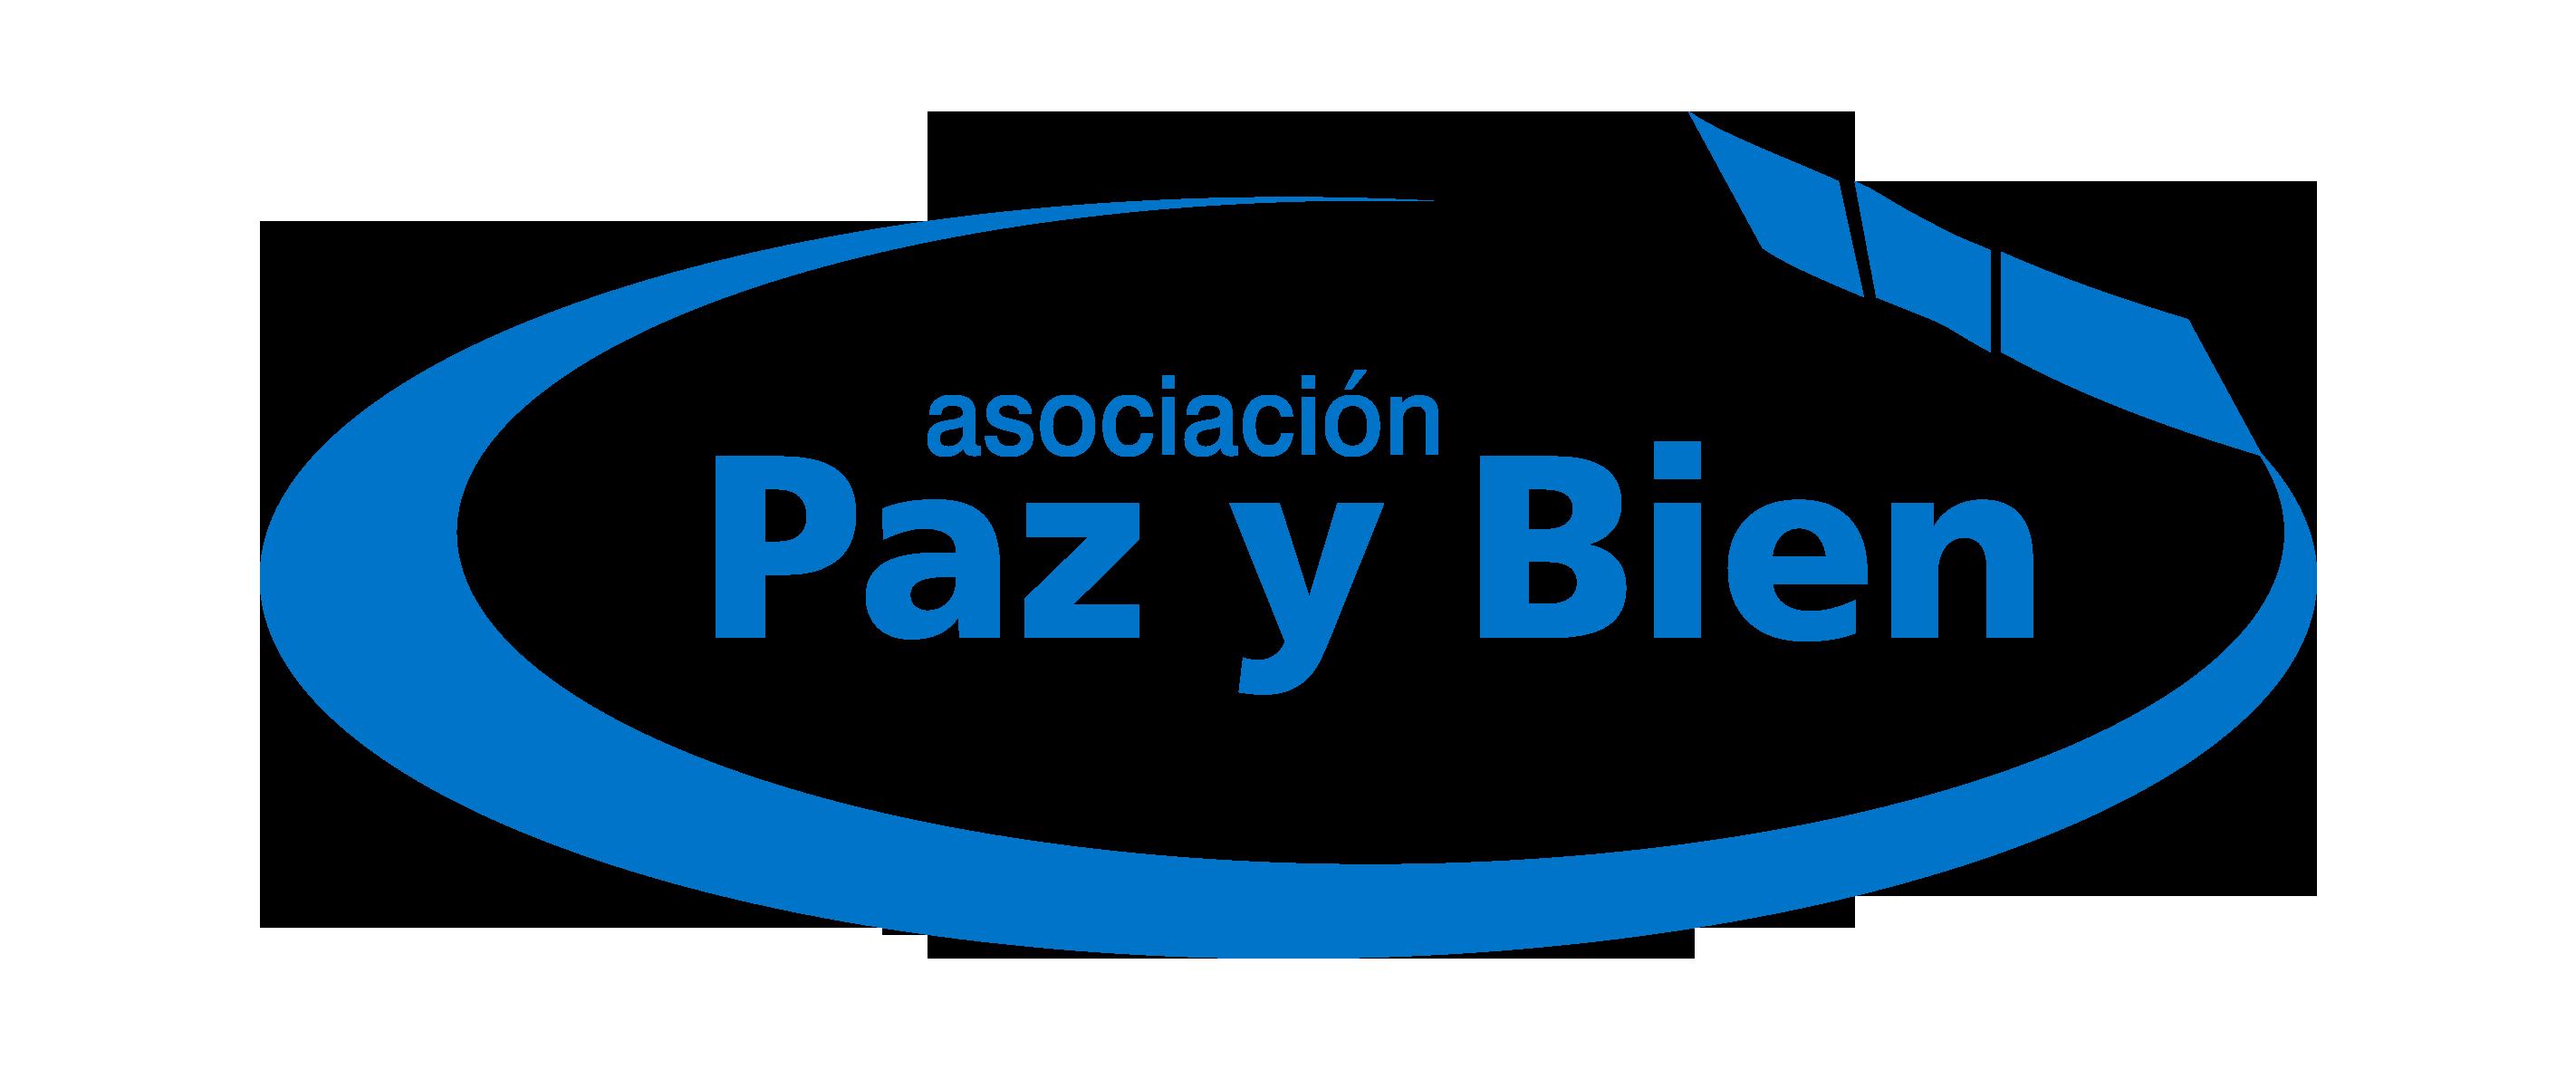 Asociación Paz y Bien Logo